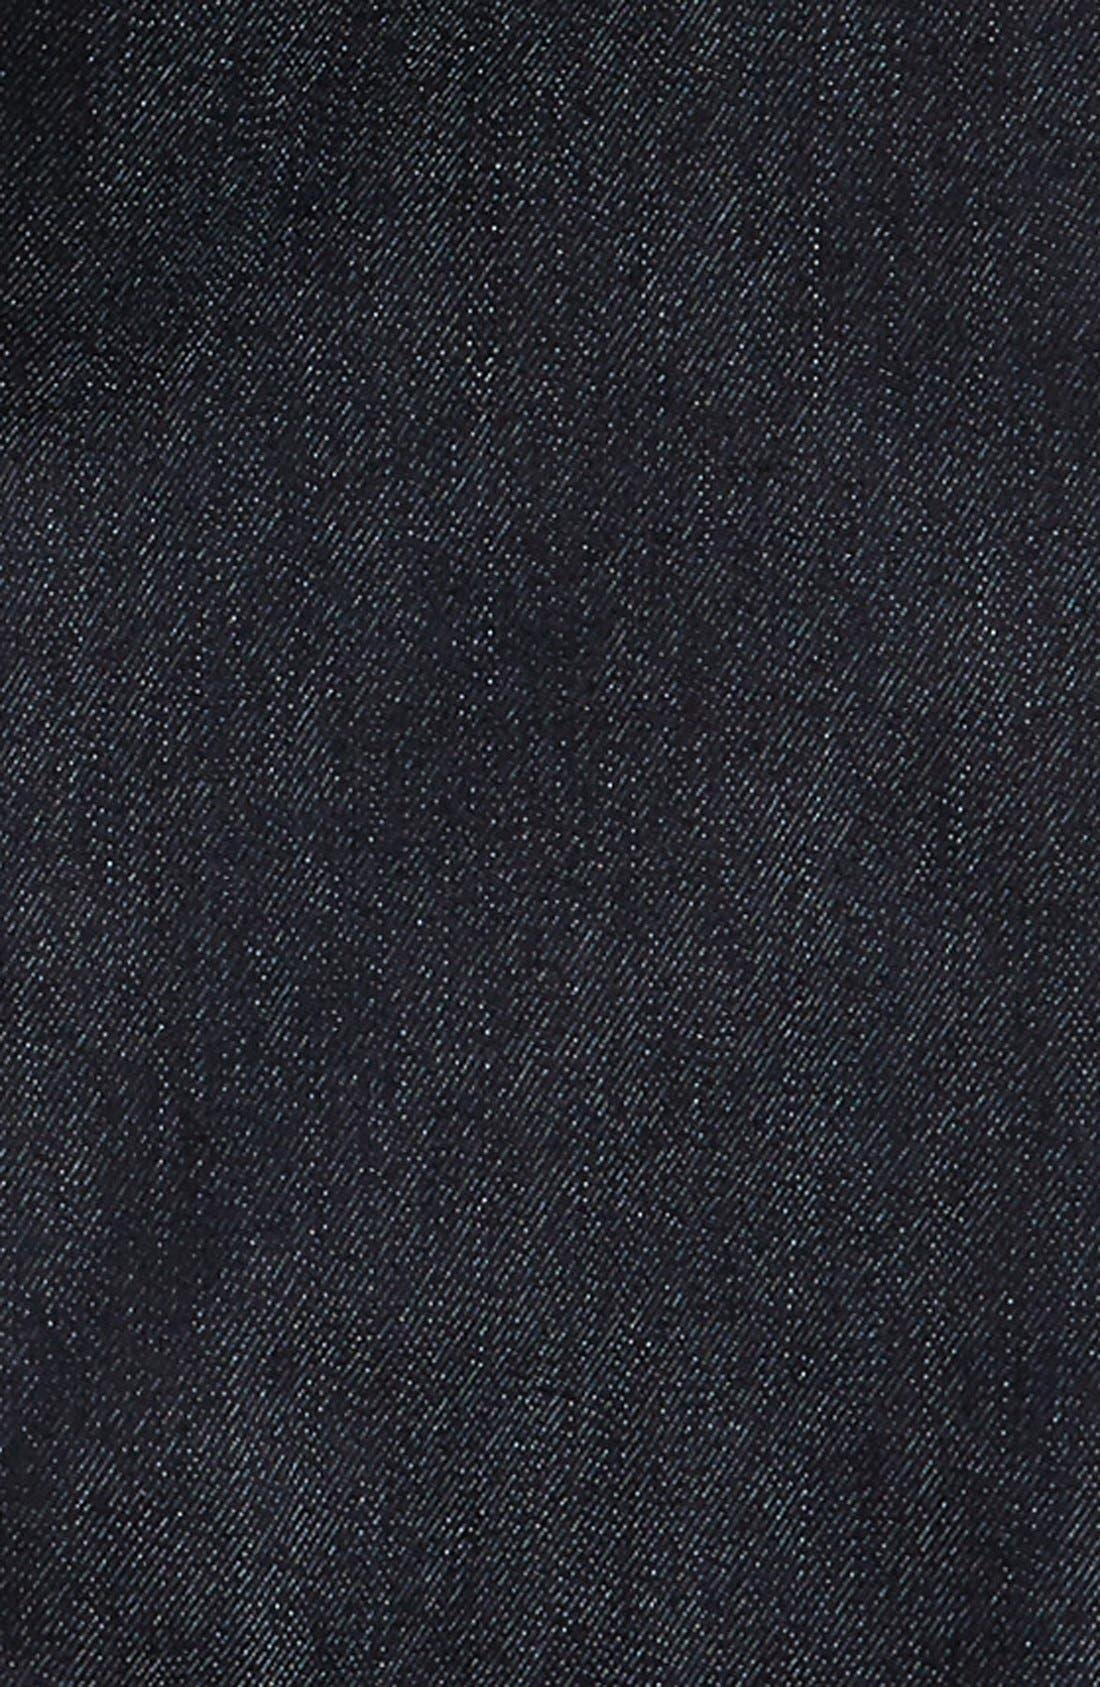 Brixton Straight Leg Jeans,                             Alternate thumbnail 3, color,                             Ashton